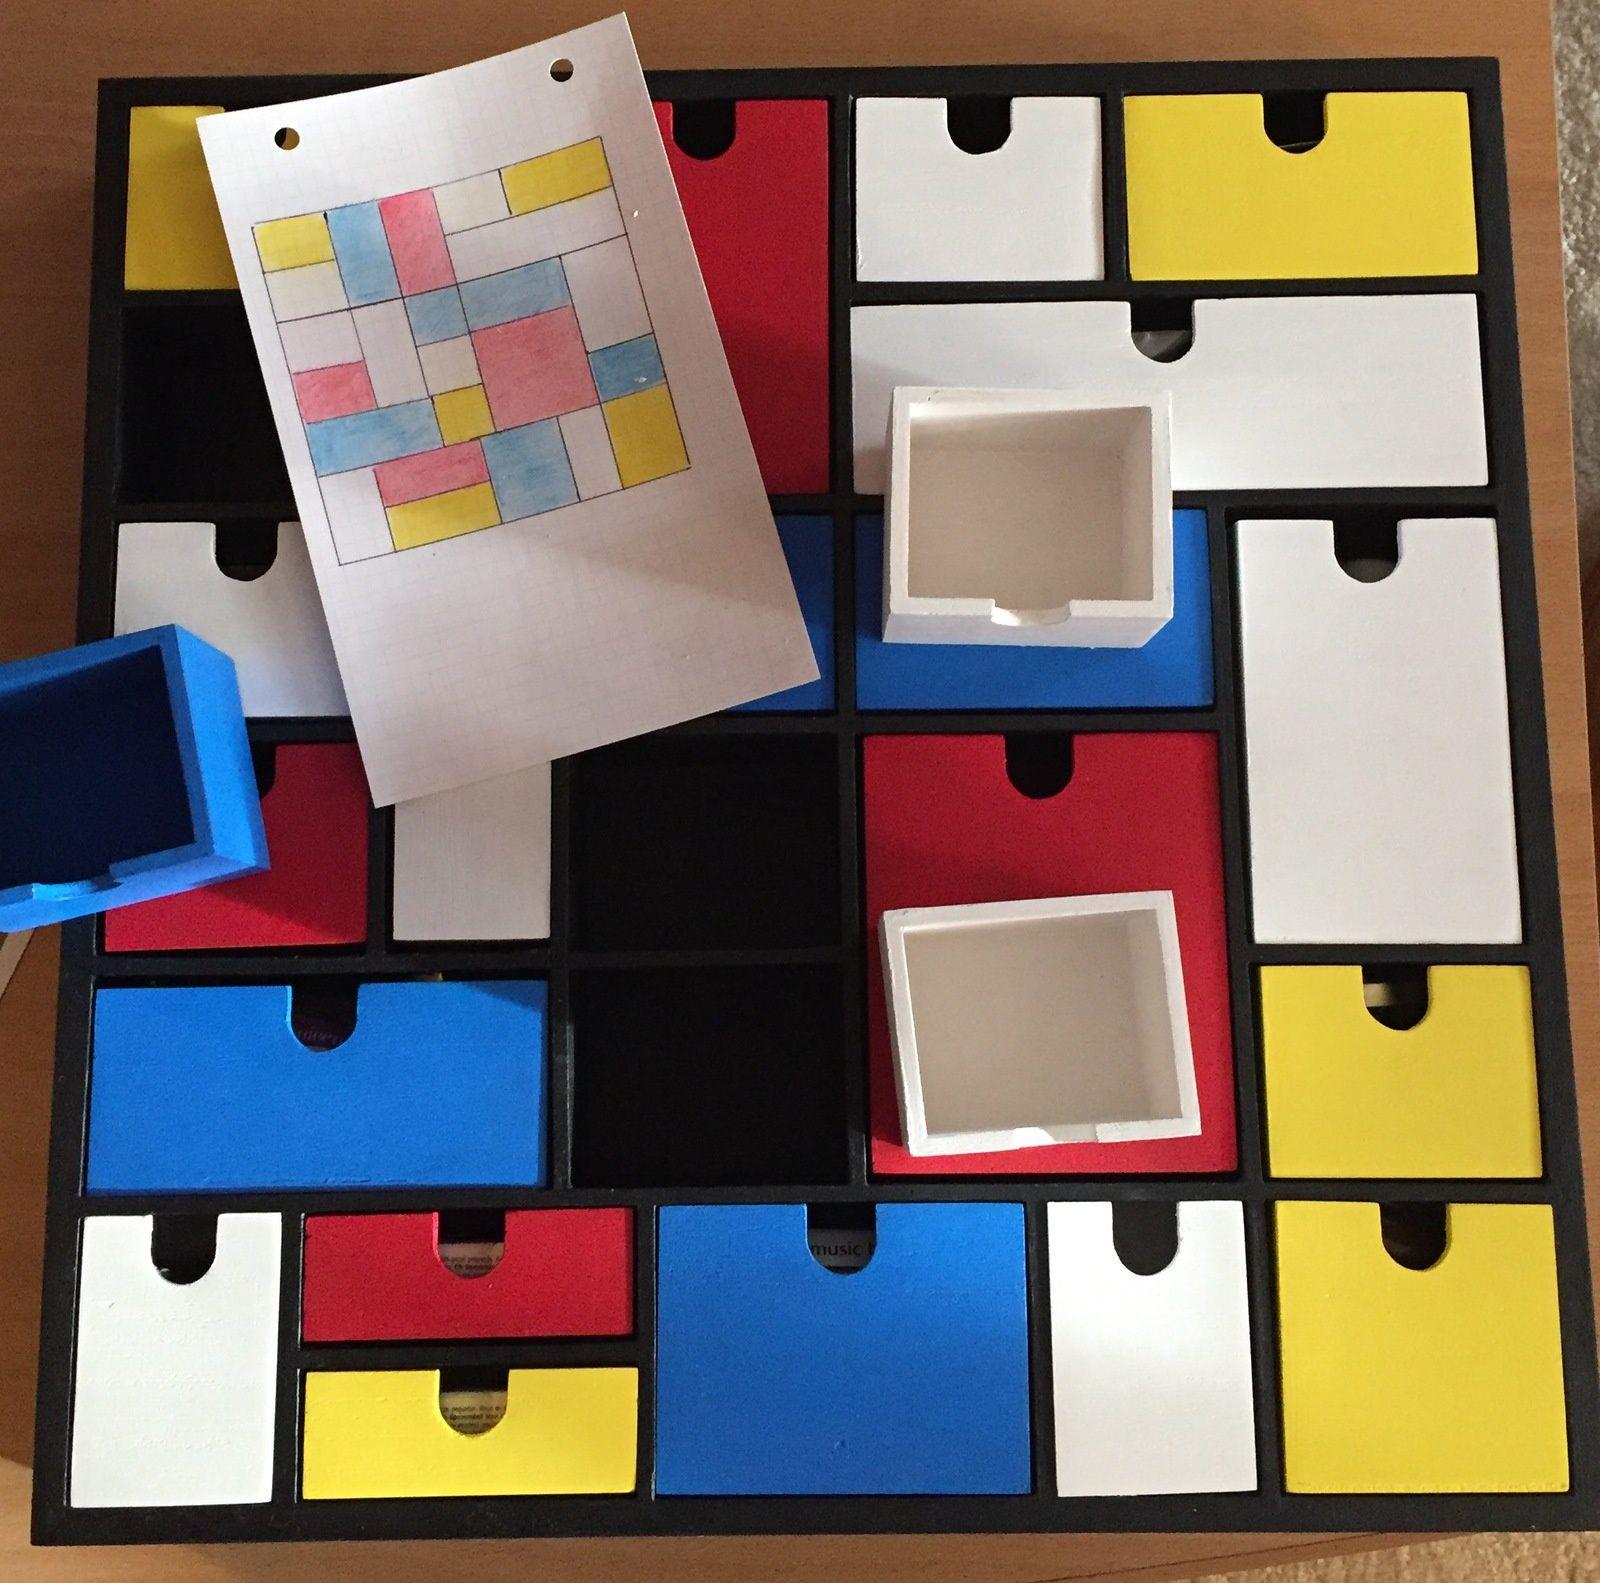 calendrier de l'avent, 24 casiers aux couleurs Mondrian